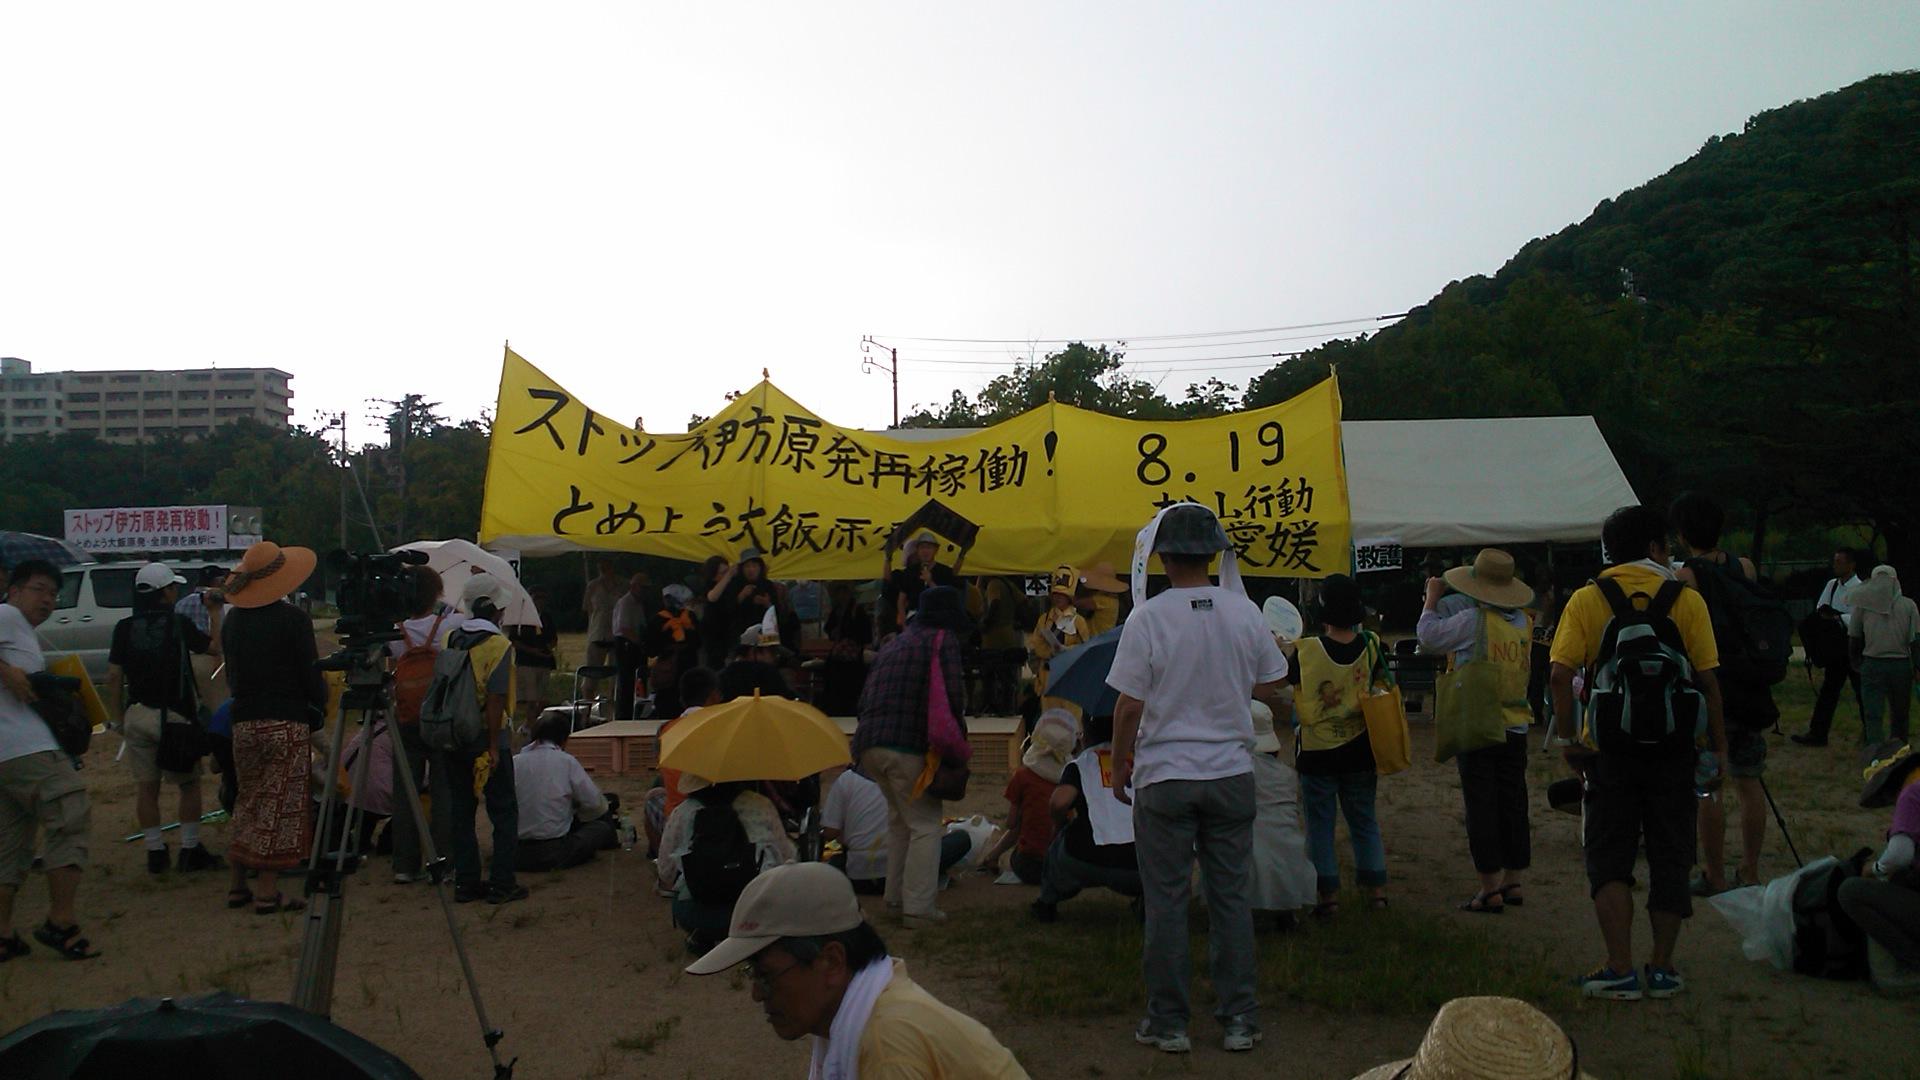 集会・デモ貫徹